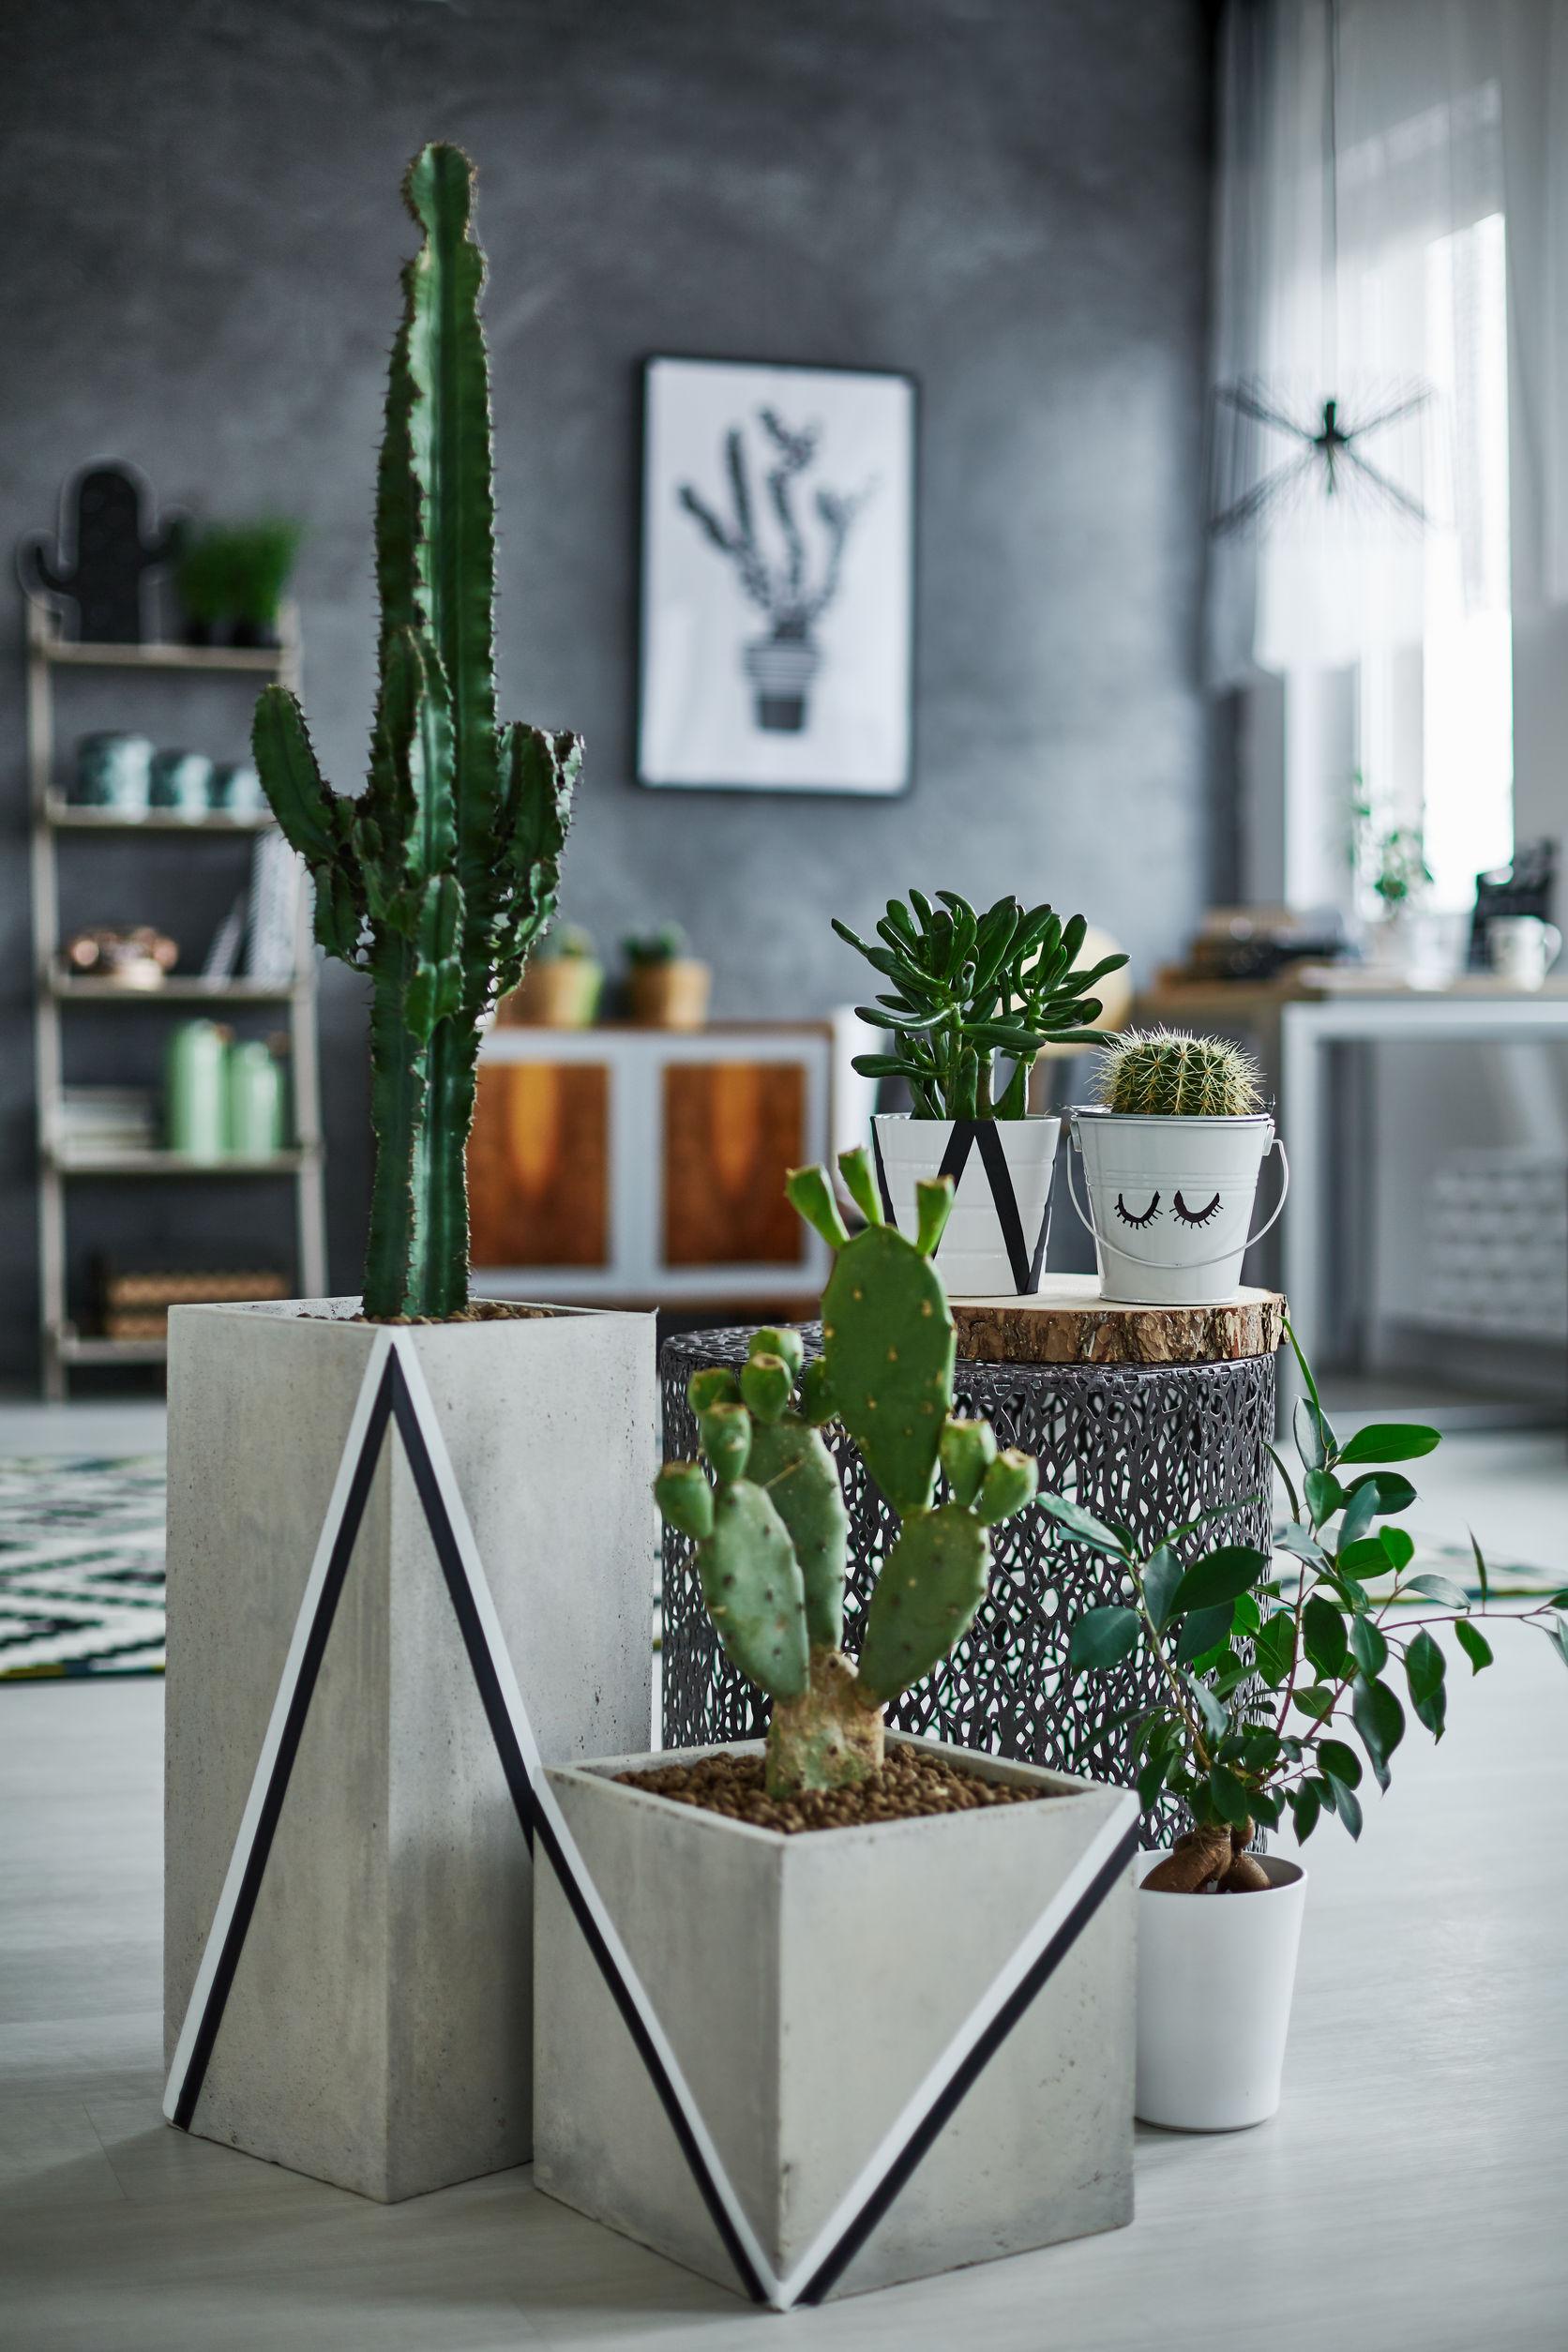 Comment dcorer votre intrieur avec des plantes vertes Le MagVisiondeco